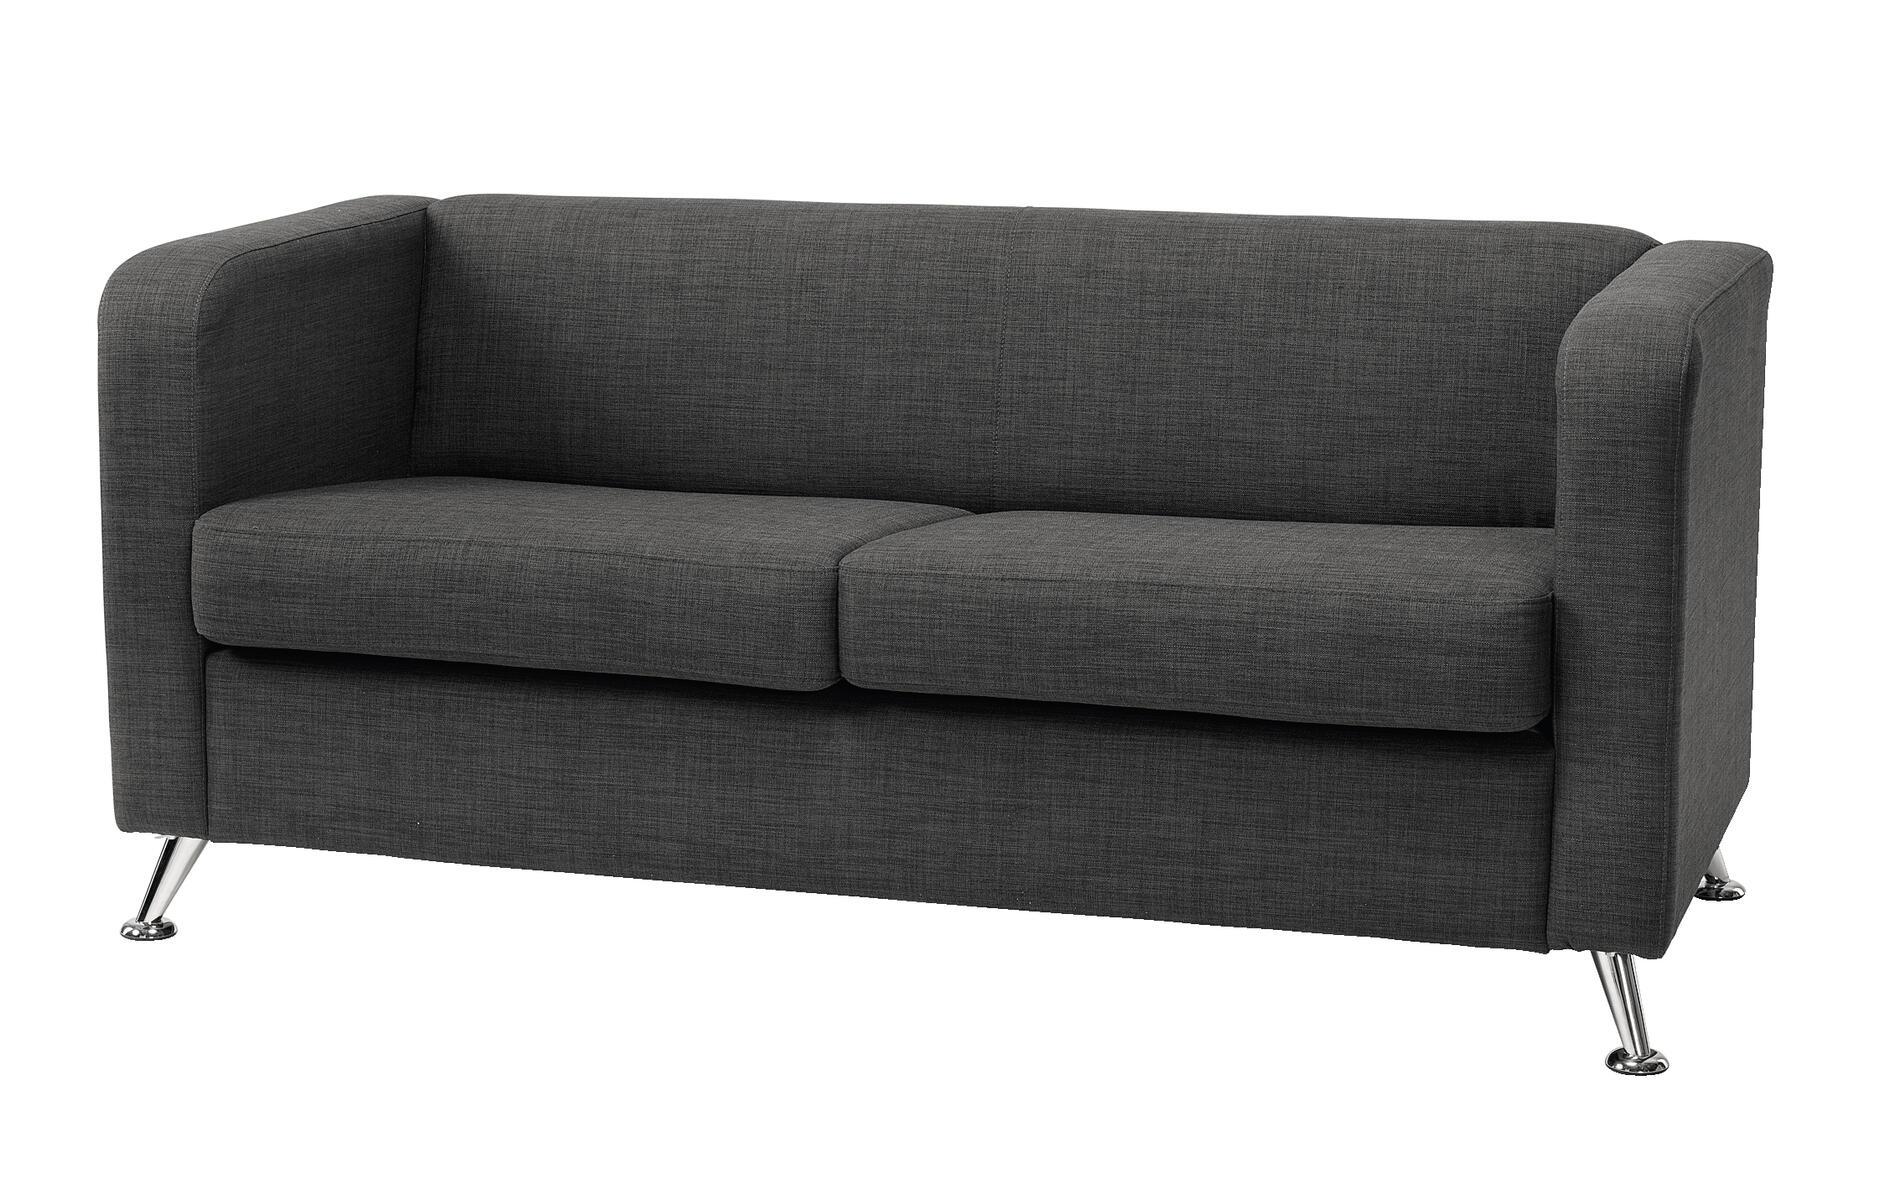 sofa fred 2 seter lekolar norge. Black Bedroom Furniture Sets. Home Design Ideas